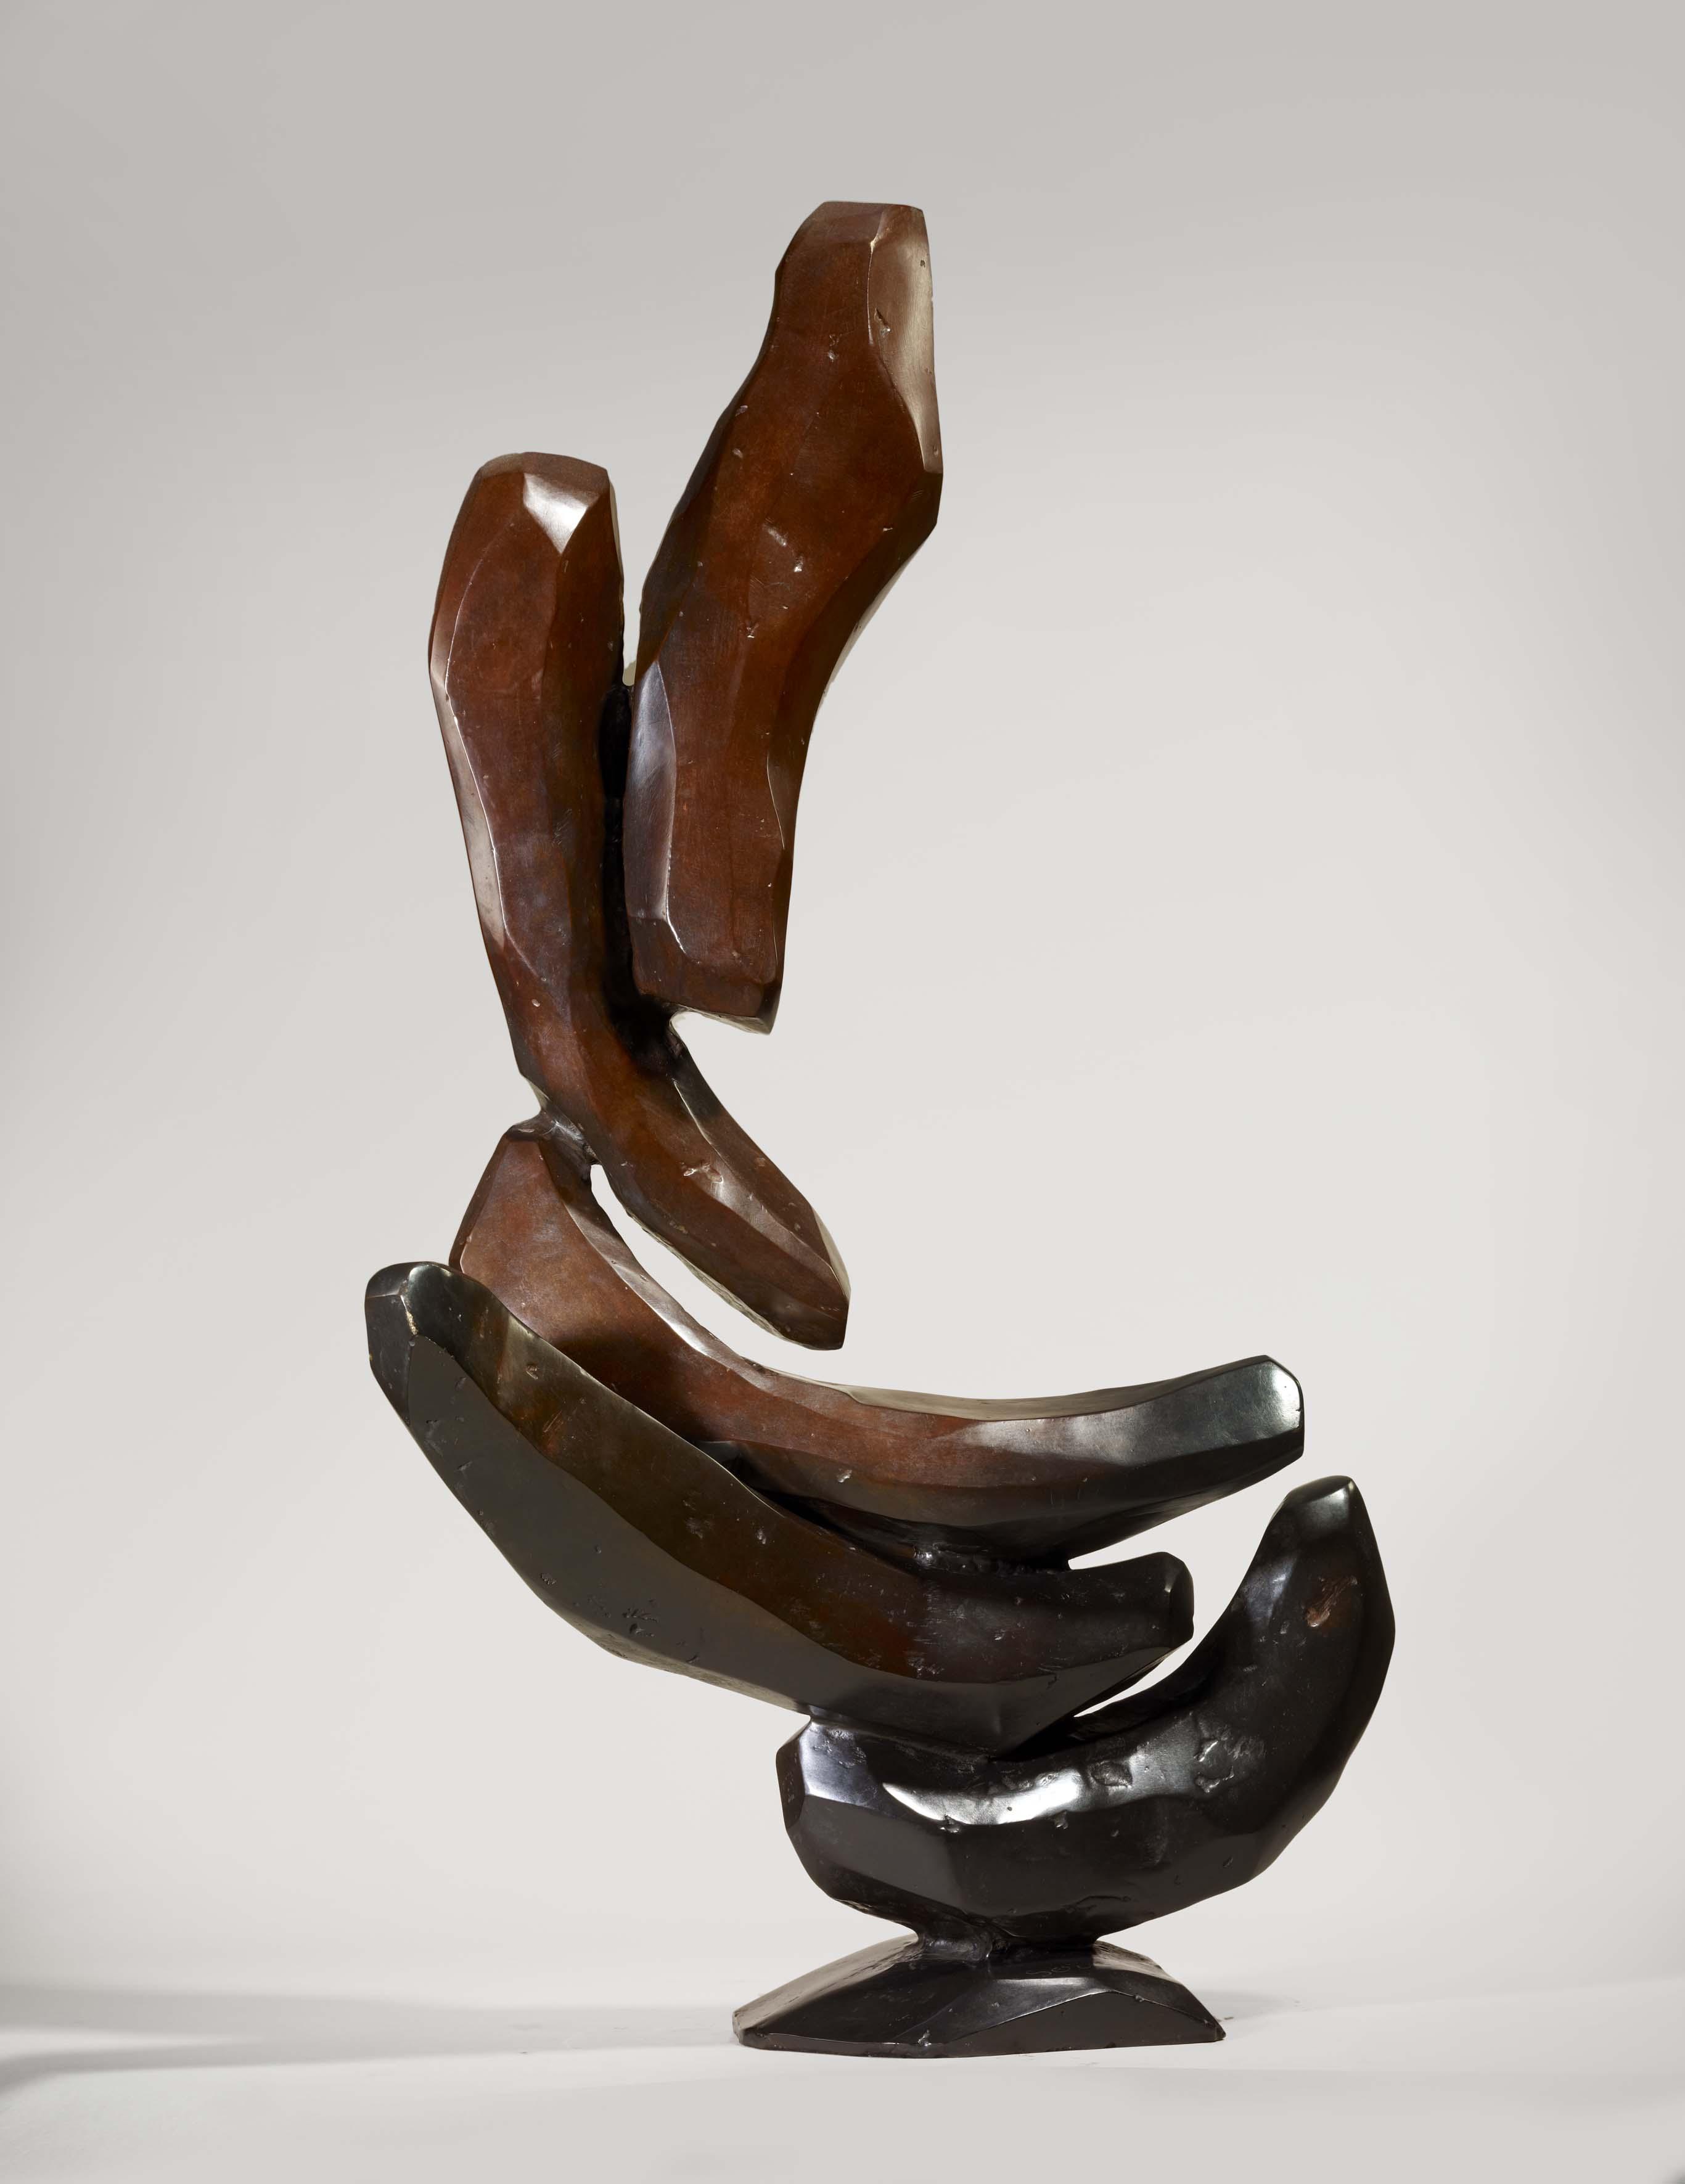 Voile, 1996, 98 x 68 x 23 cm